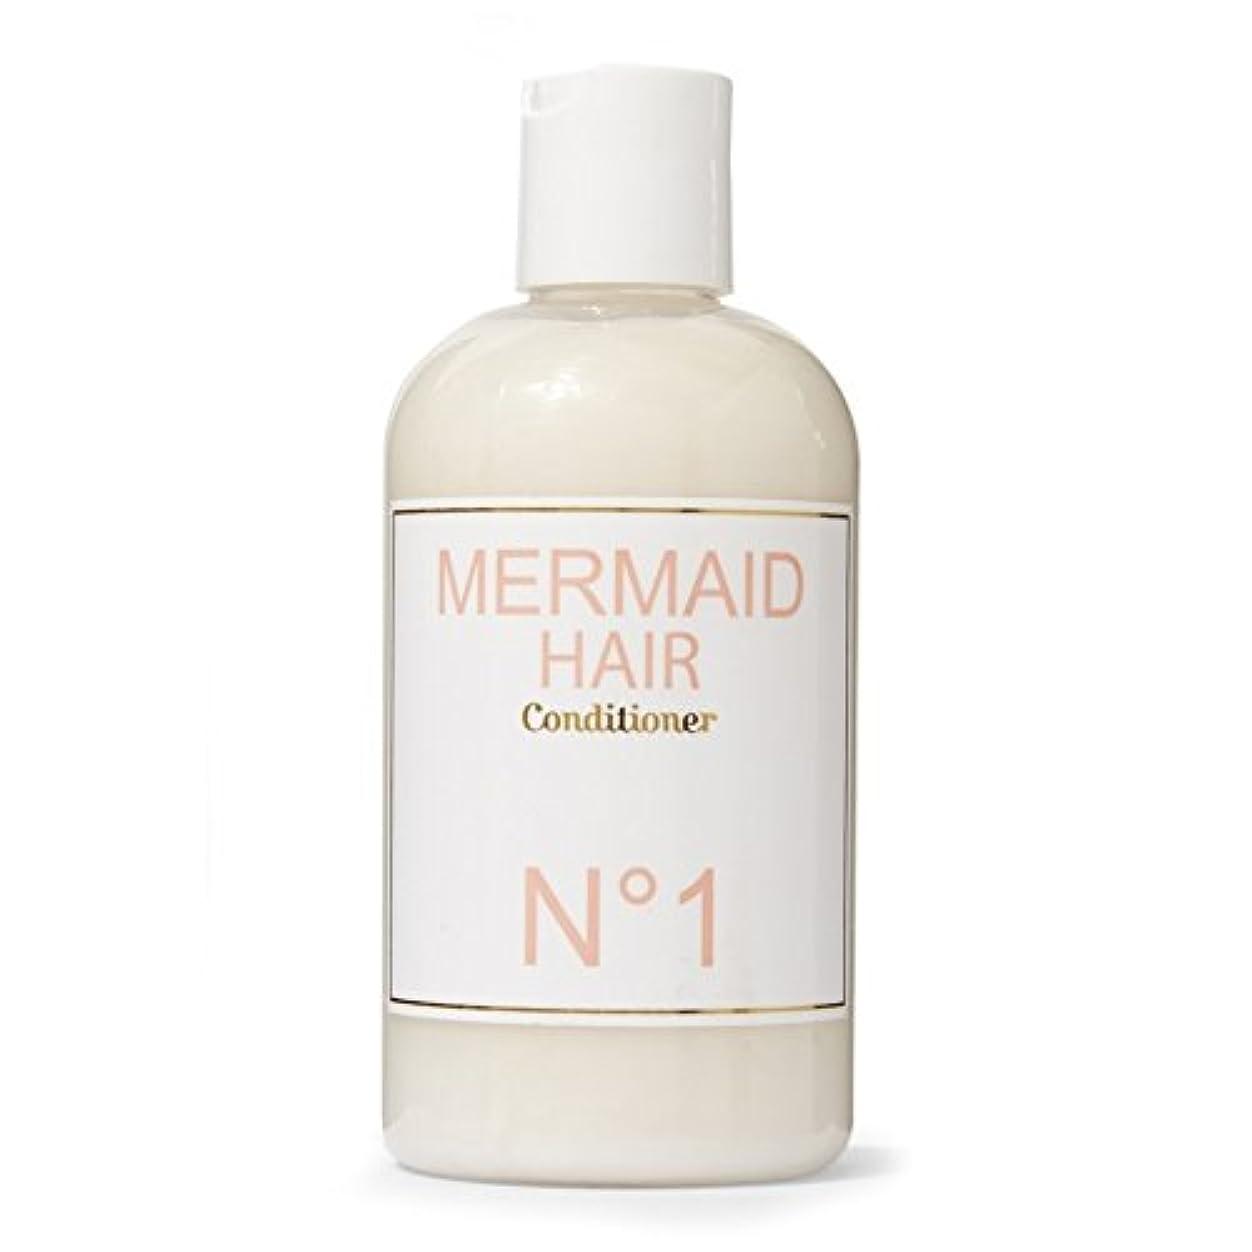 人魚香水人魚コンディショナー300ミリリットル x2 - Mermaid Perfume Mermaid Conditioner 300ml (Pack of 2) [並行輸入品]